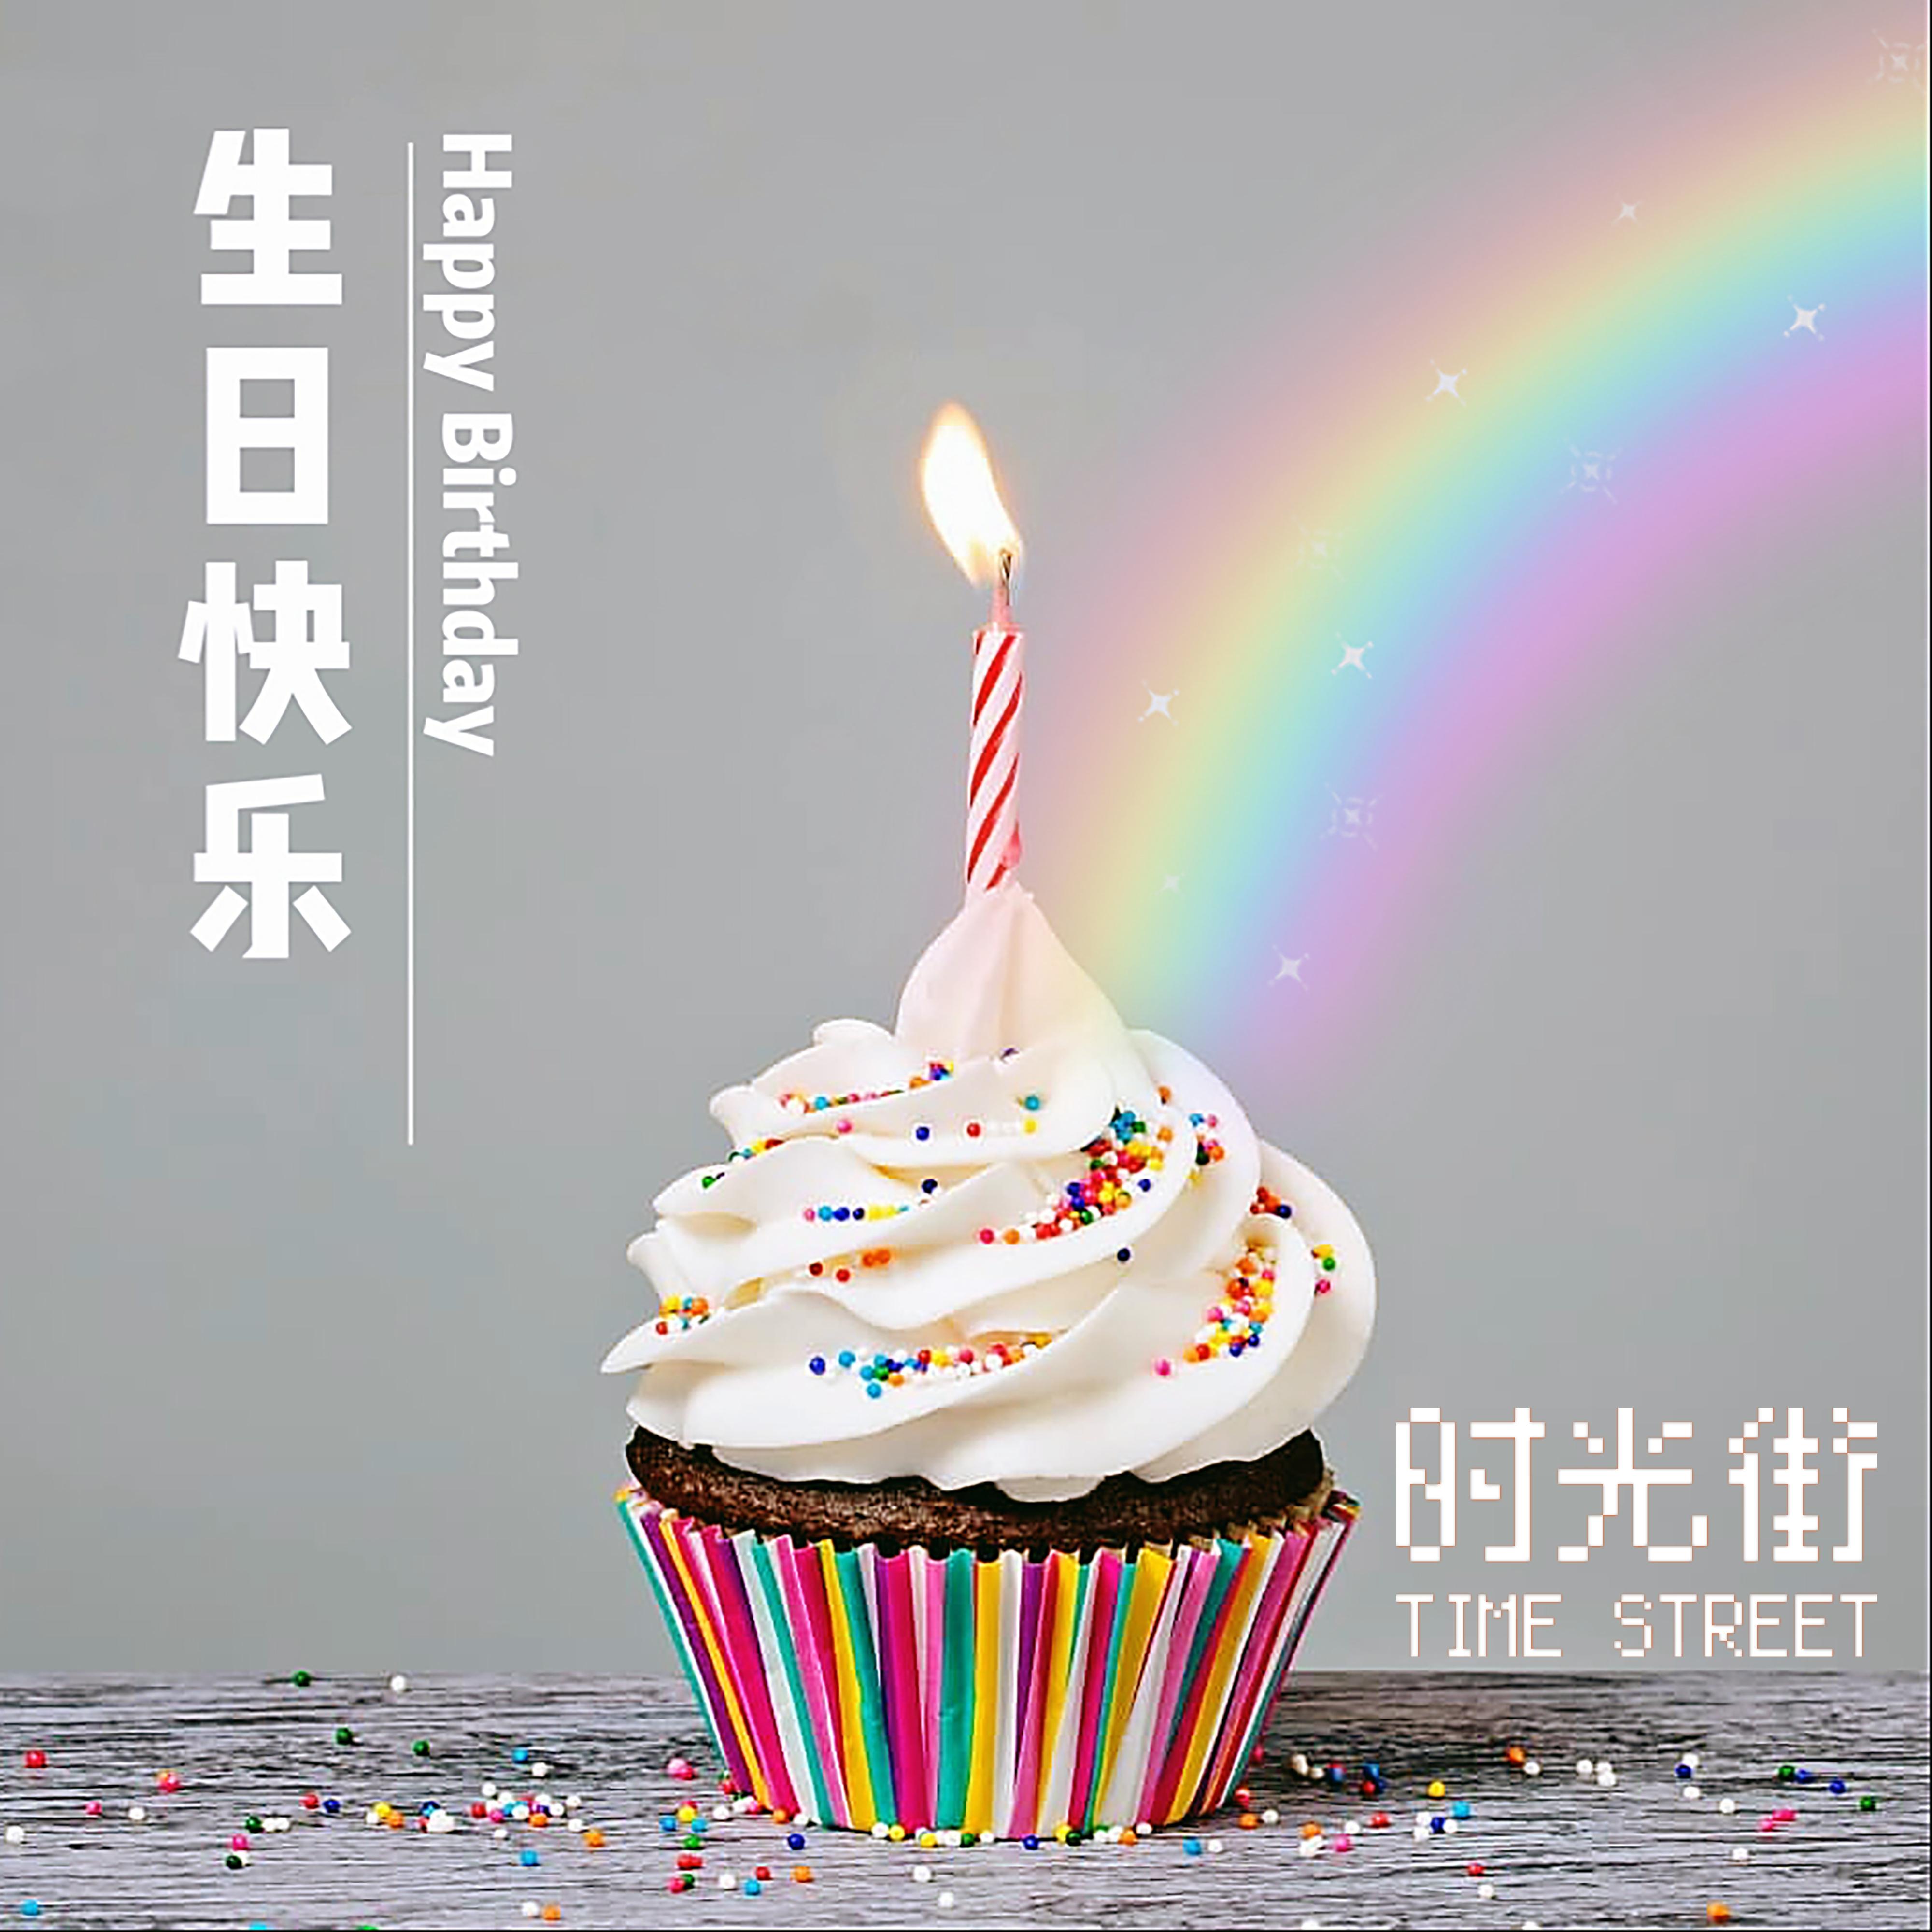 时光街乐队:生日快乐